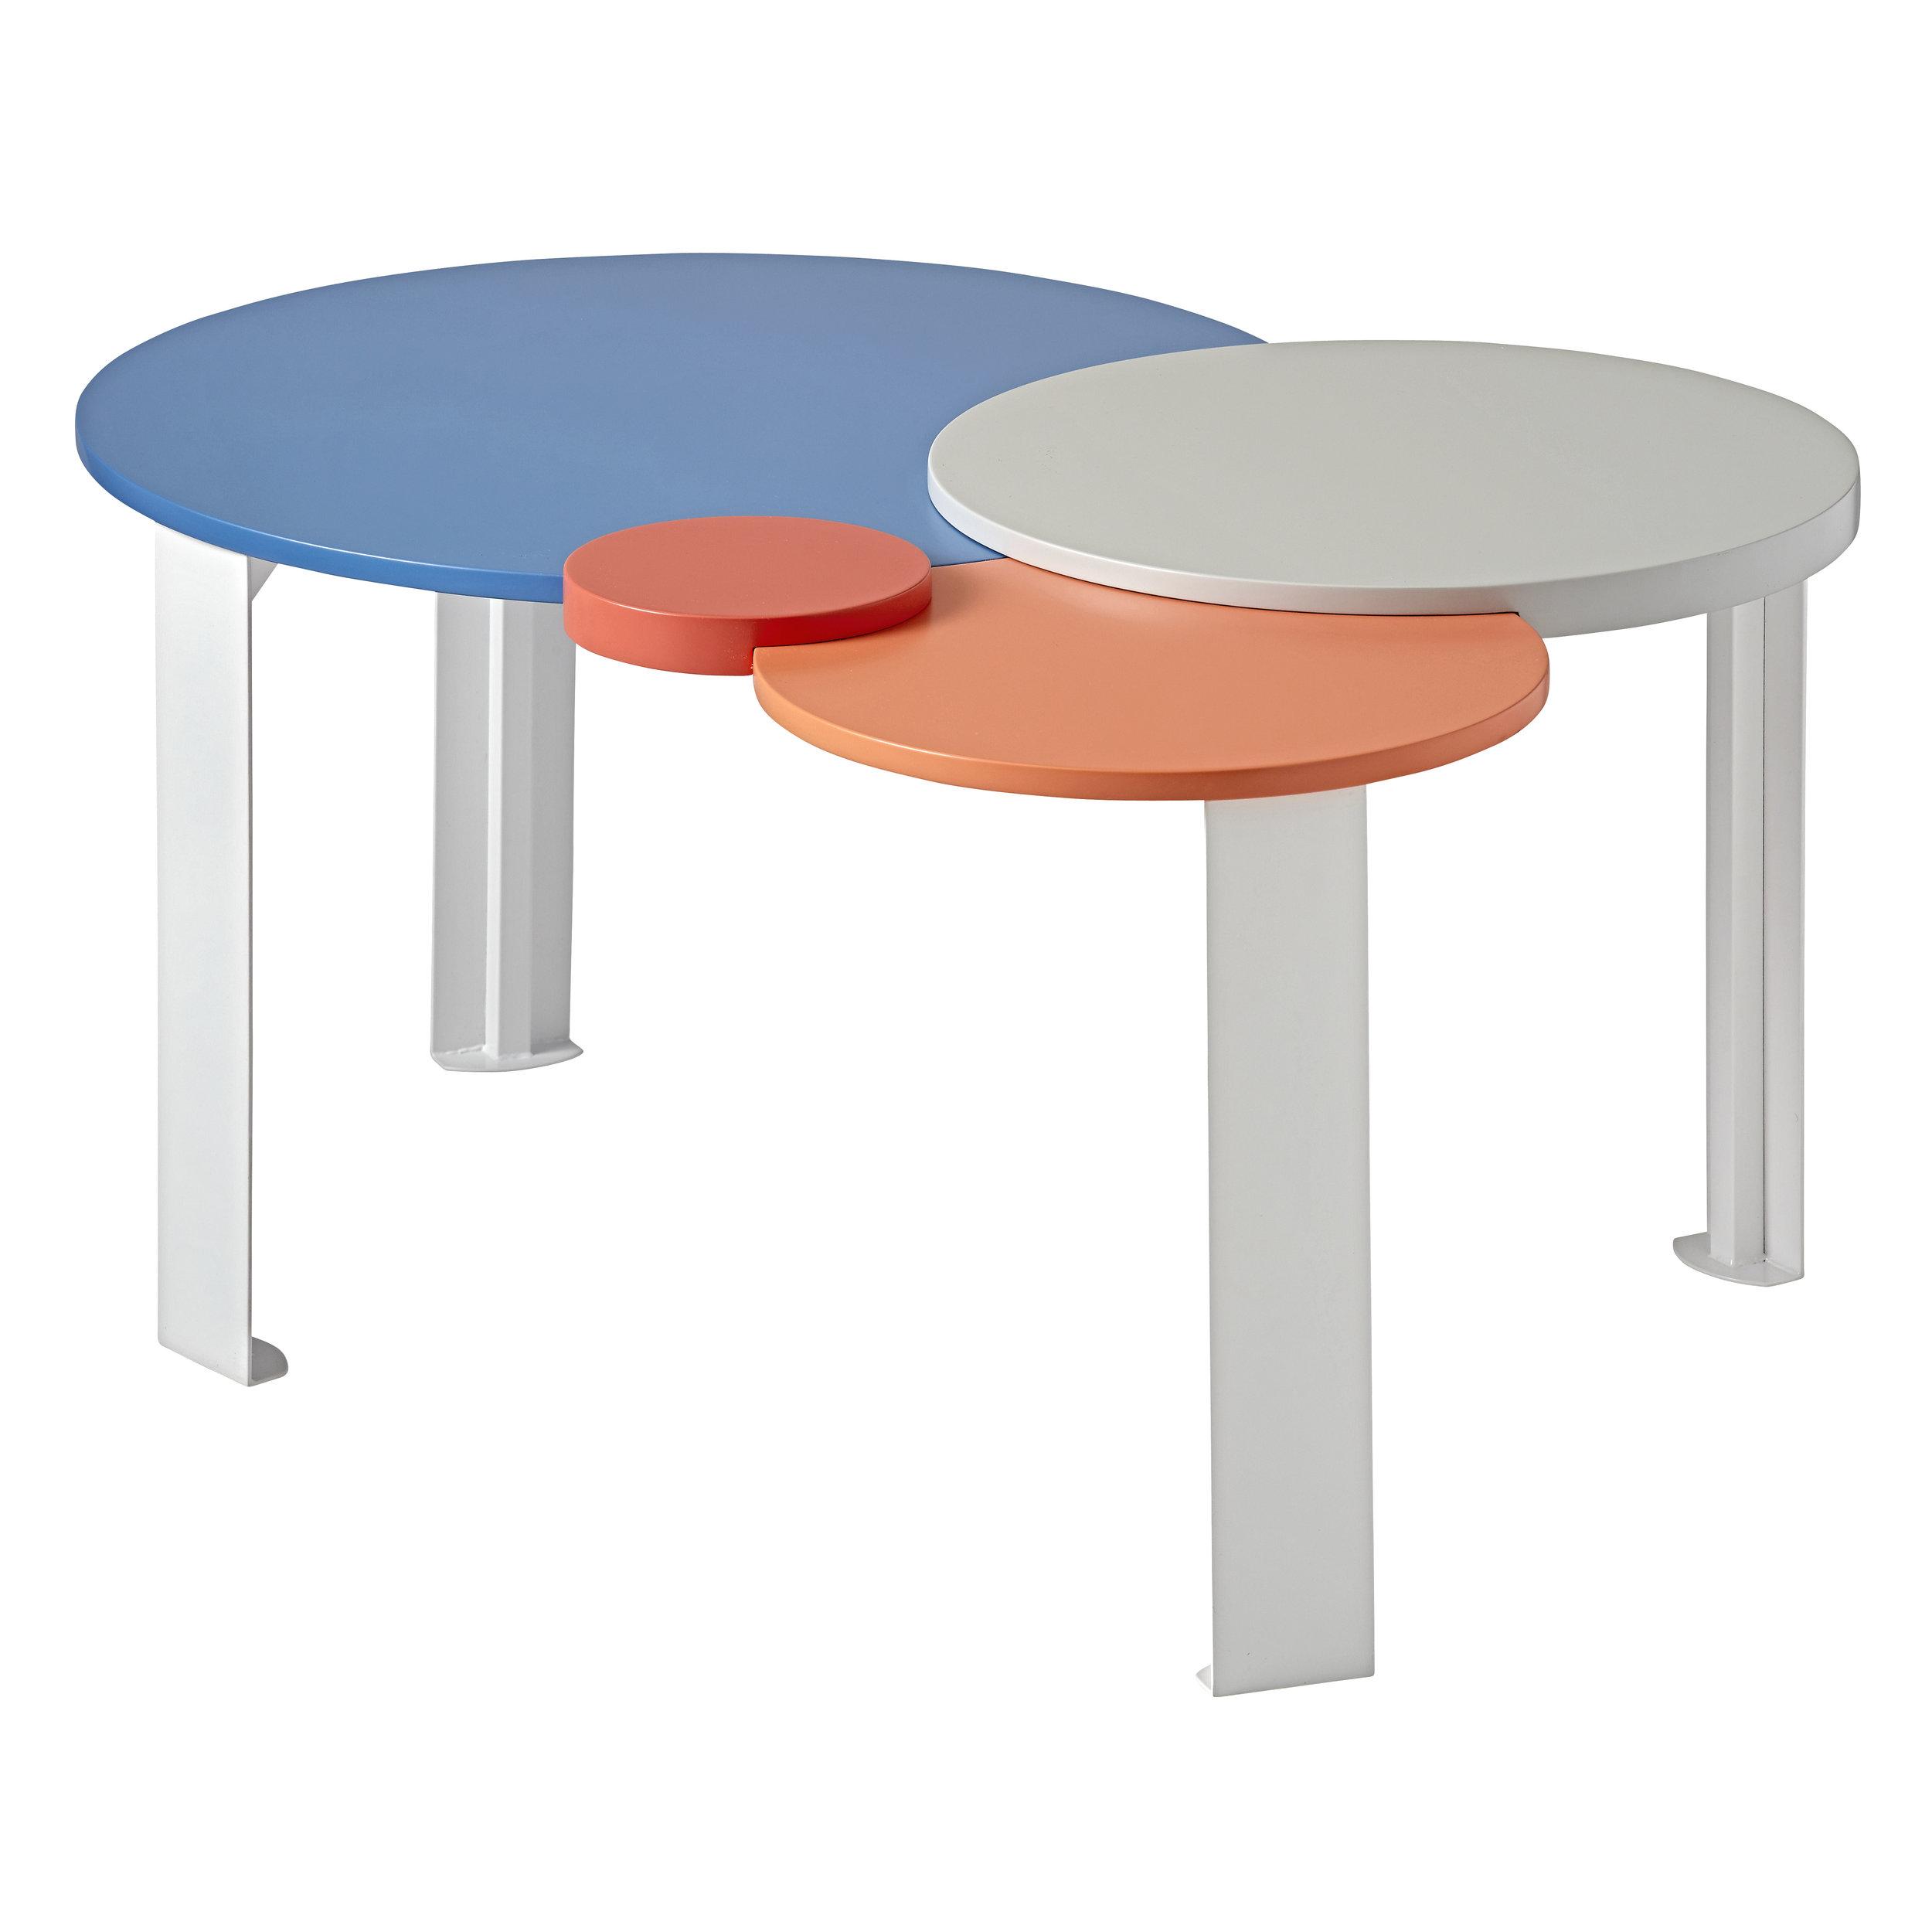 Kids_Table_Kinder_Modern_Arc_Silo_v1 (1).jpg